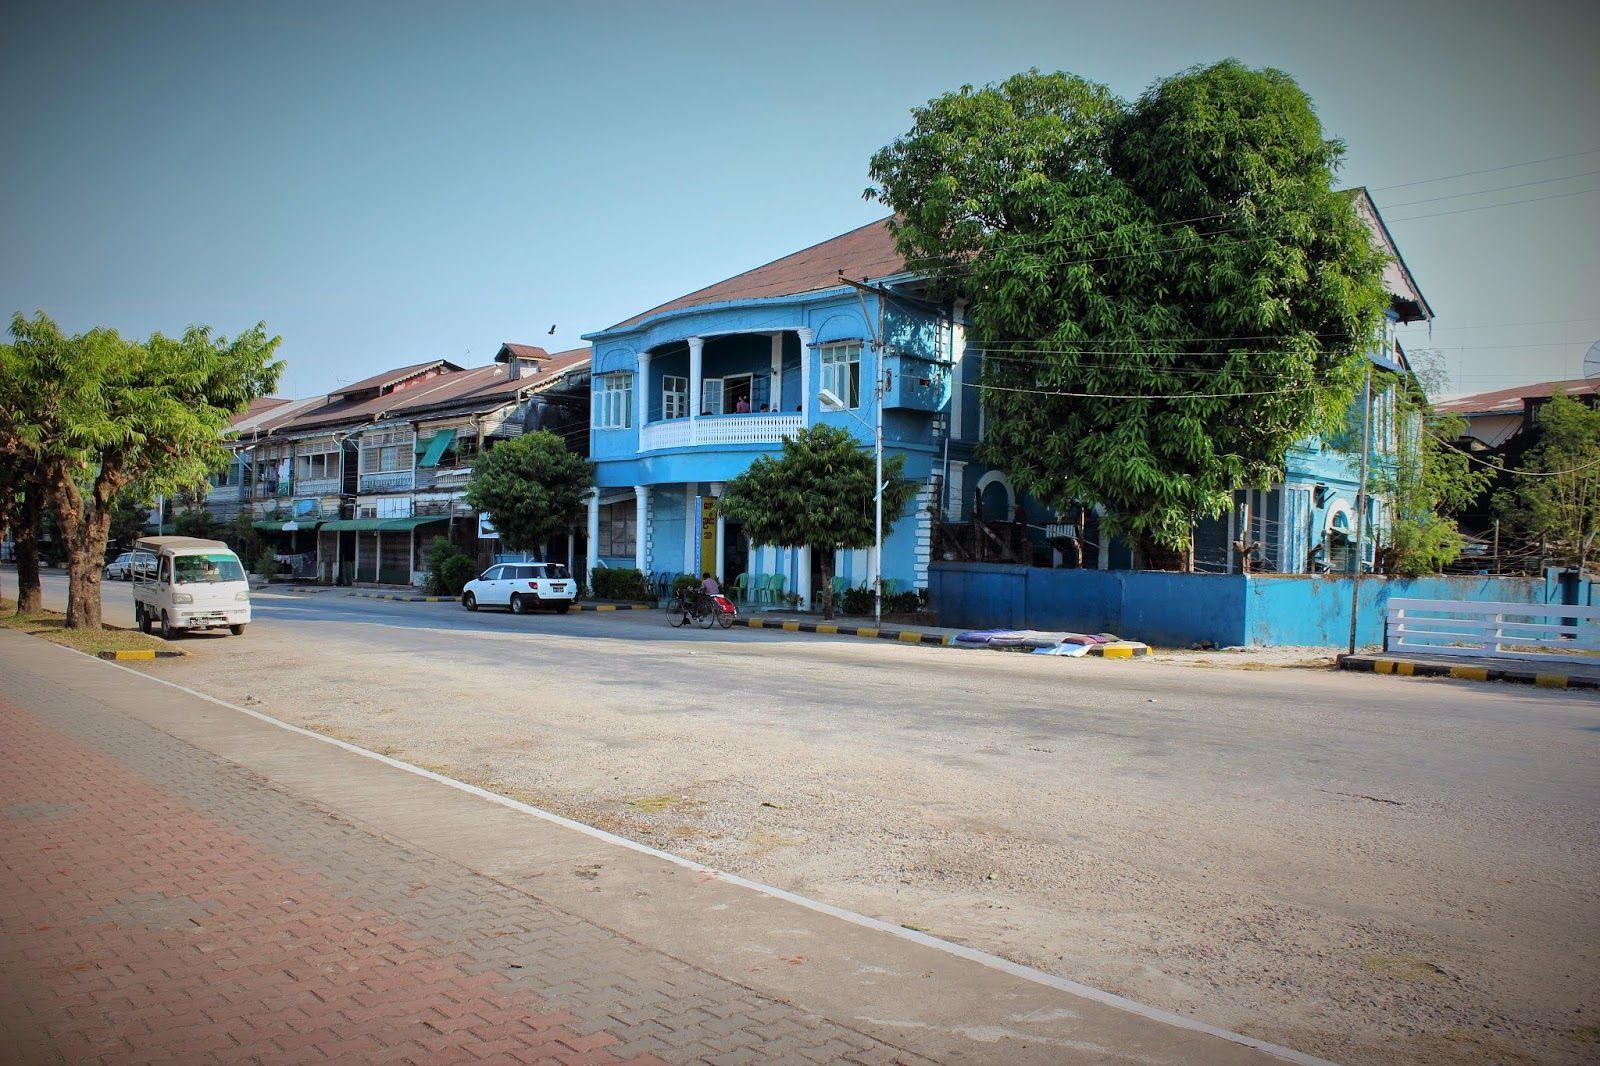 Rinkka selässä maailman ympäri: Mawlamyine - Kaunis joenrantakaupunki